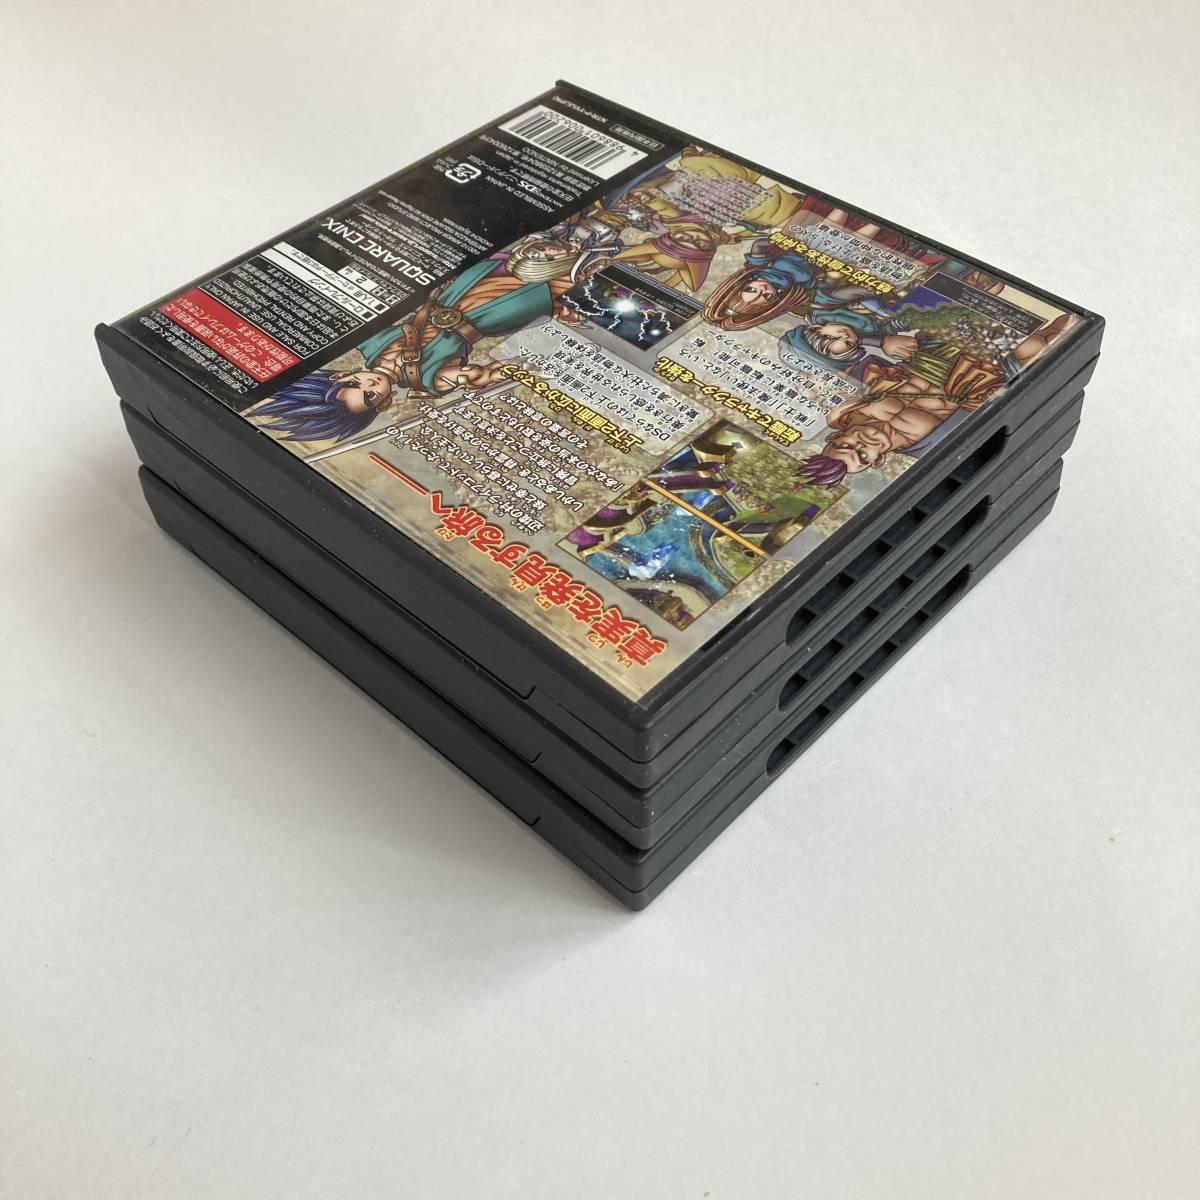 任天堂DS ドラゴンクエスト IV V VI 4 5 6 セット / Lot 3 Dragon Quest 4 5 6 IV V VI DQ NDS Nintendo DS Square Enix RPG Game Japan